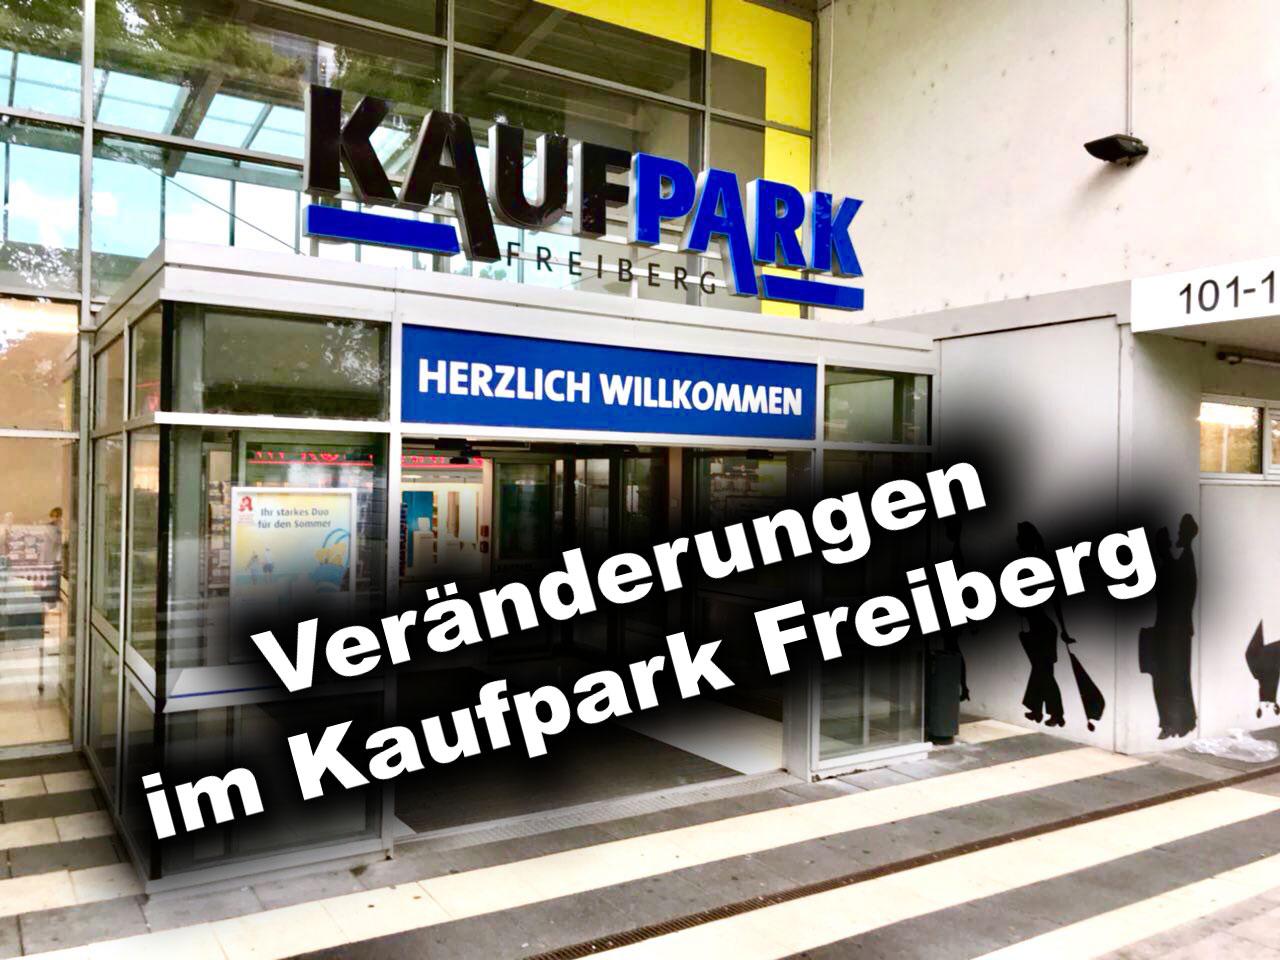 Veränderungen im Kaufpark-Freiberg_2021